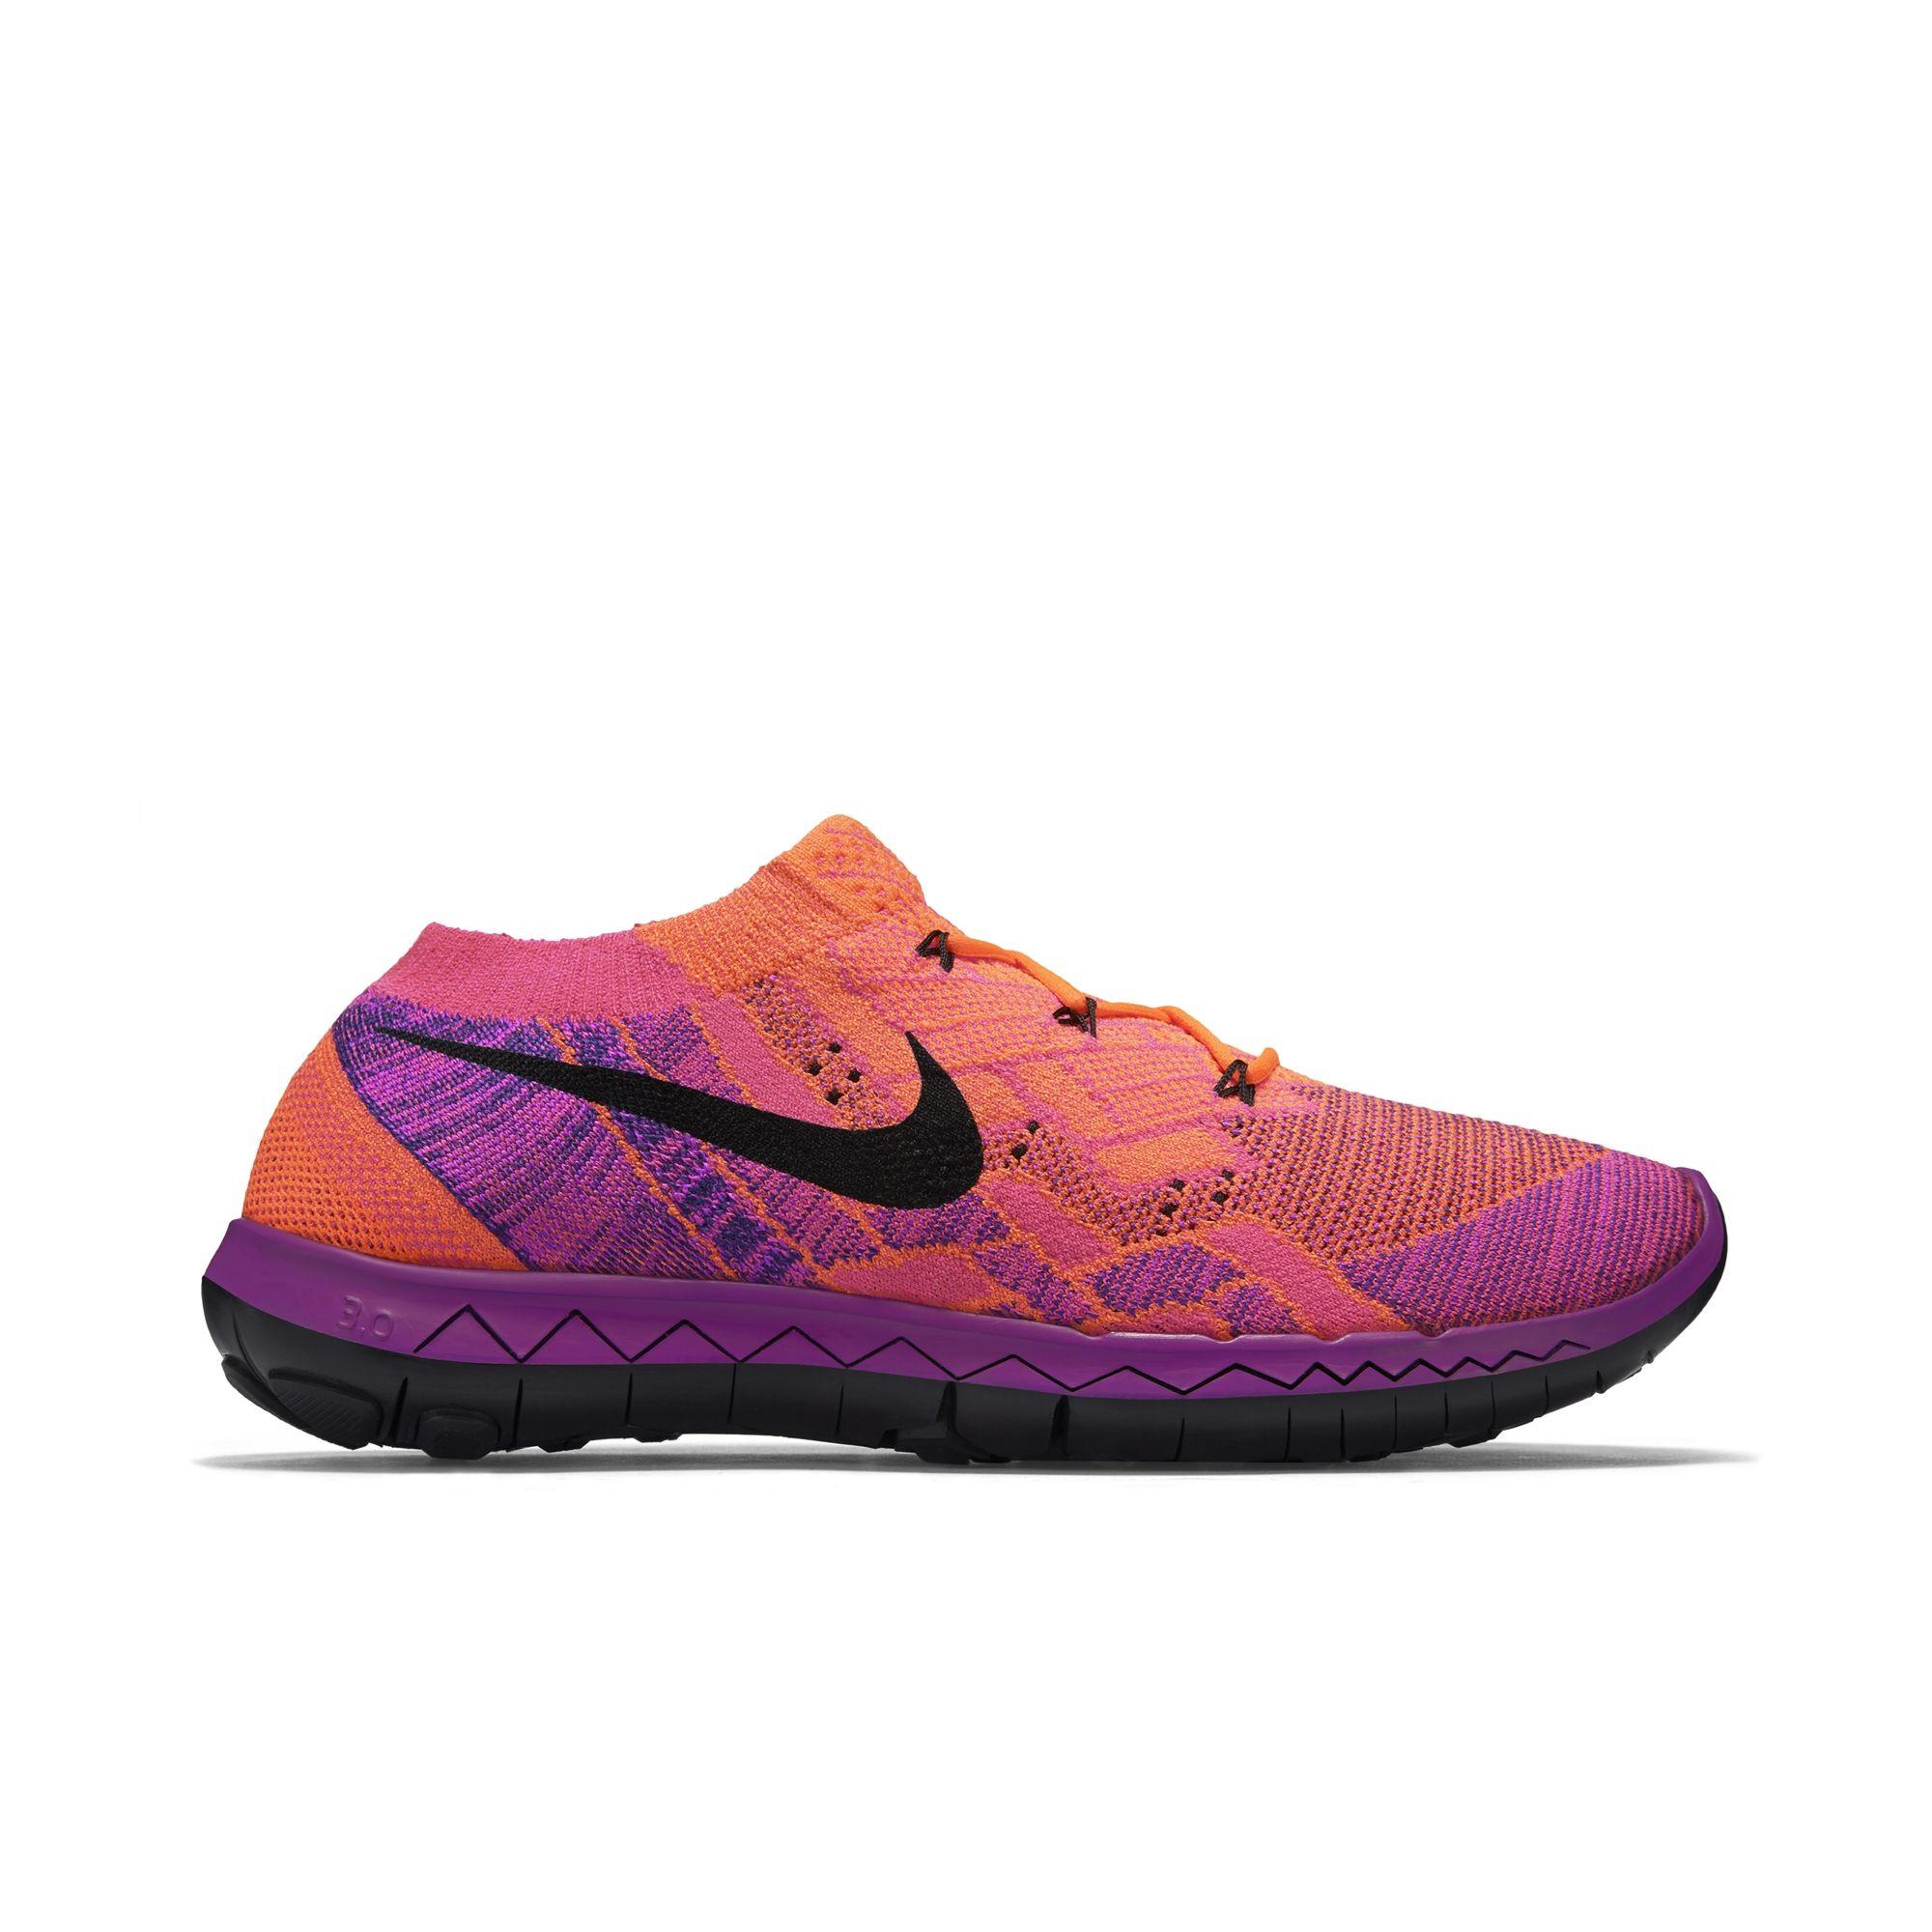 new concept b61f7 b86b0 ... Tênis Nike Free 3.0 Flyknit Feminino - Nike no Nike.com.br ...